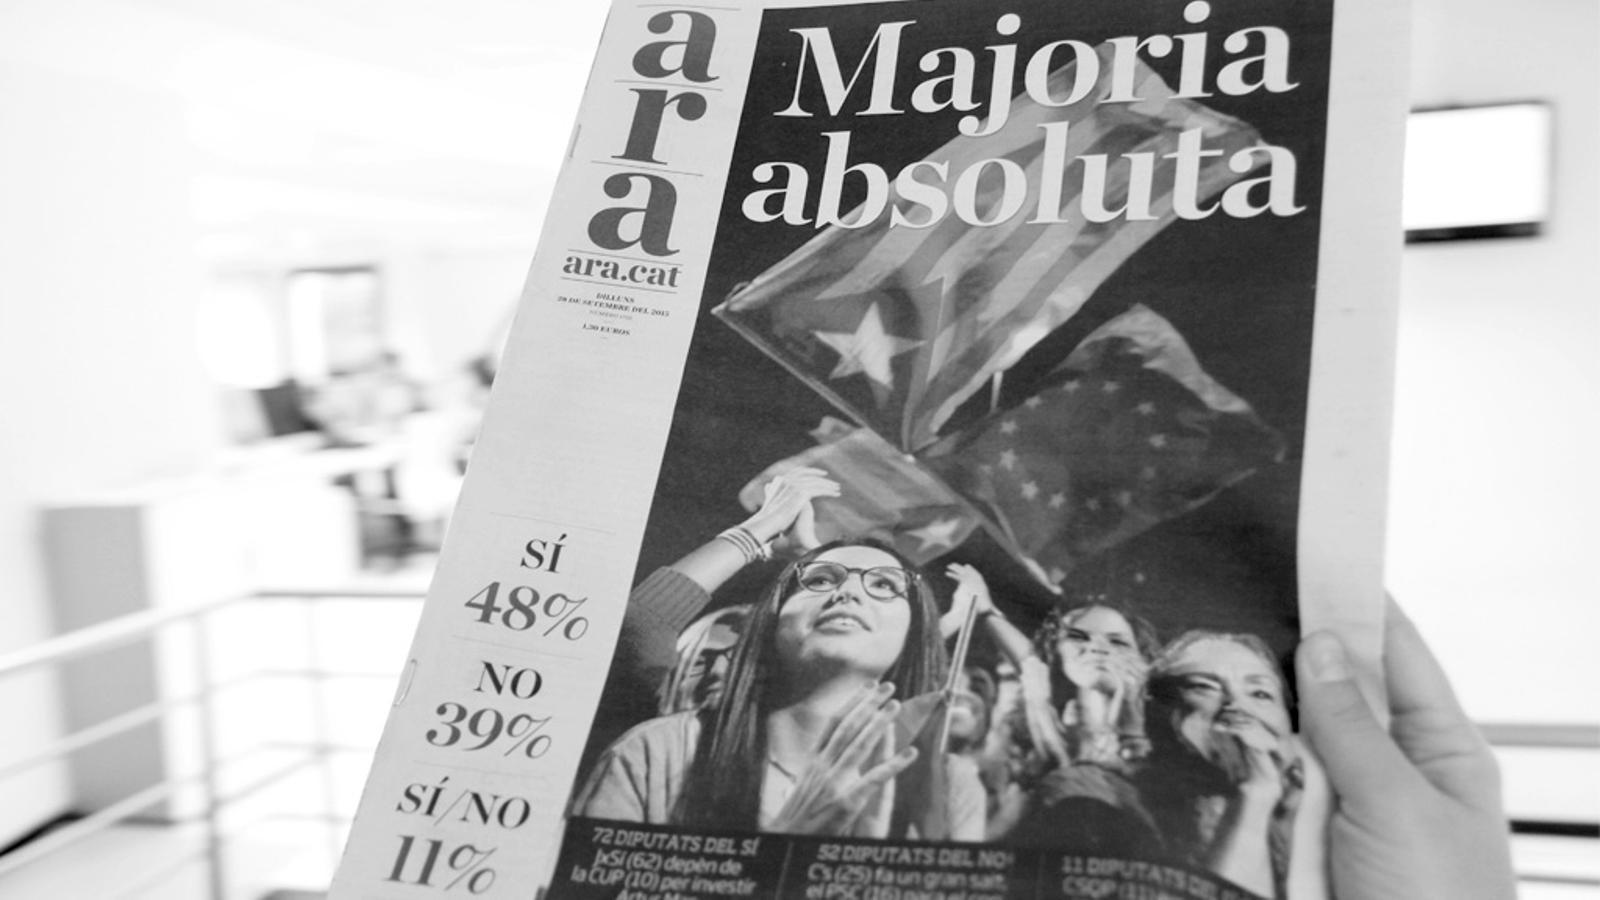 L'editorial d'Antoni Bassas: Persistir i eixamplar (28/09/2015)